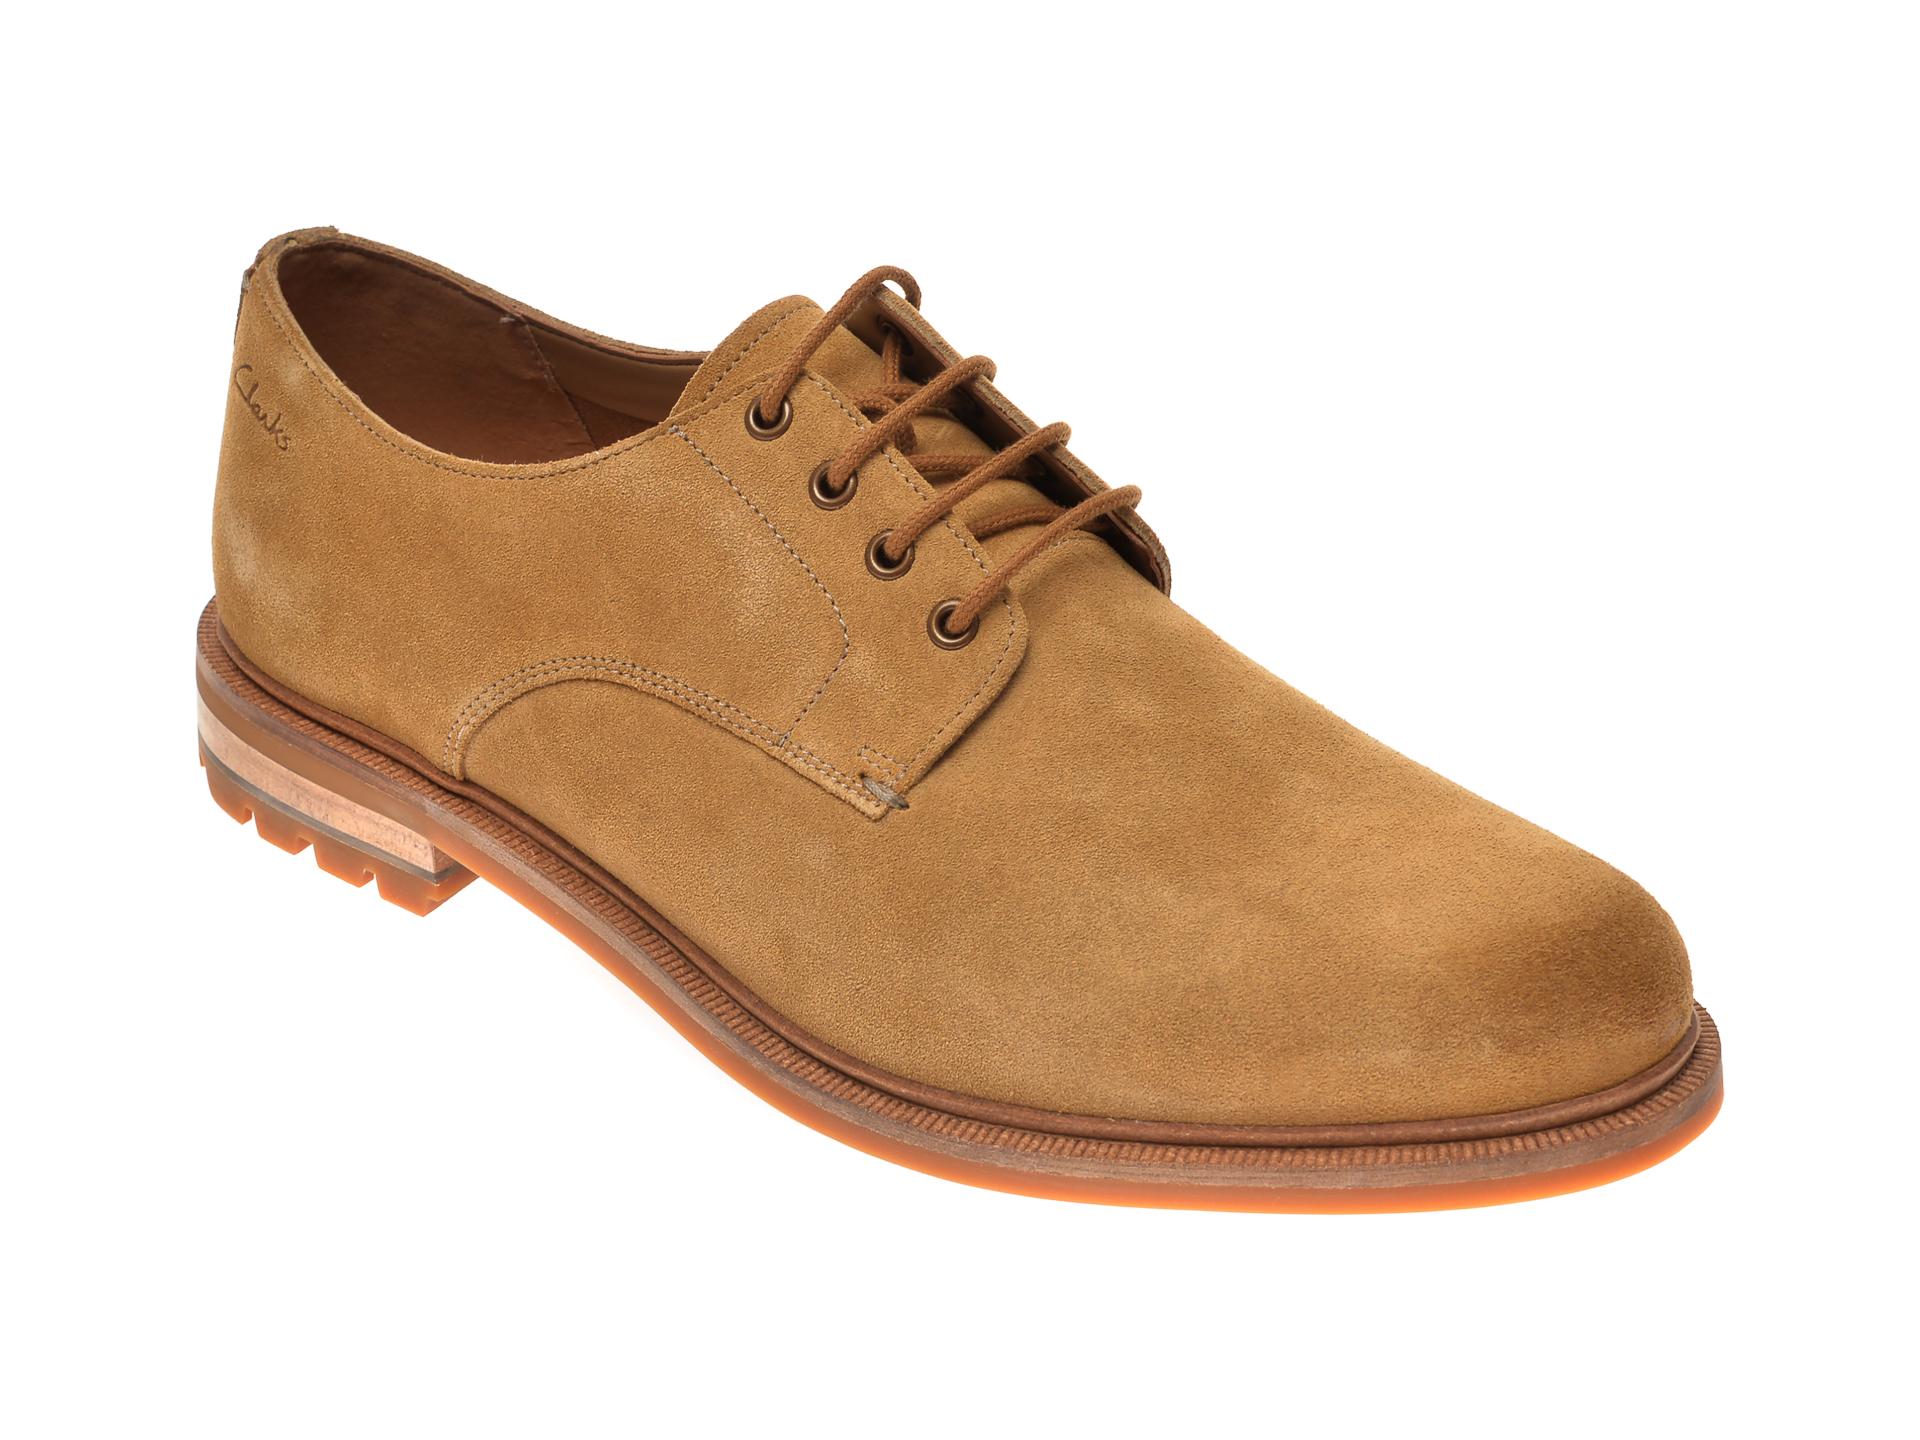 Pantofi CLARKS maro, Foxwell Hall, din piele intoarsa imagine